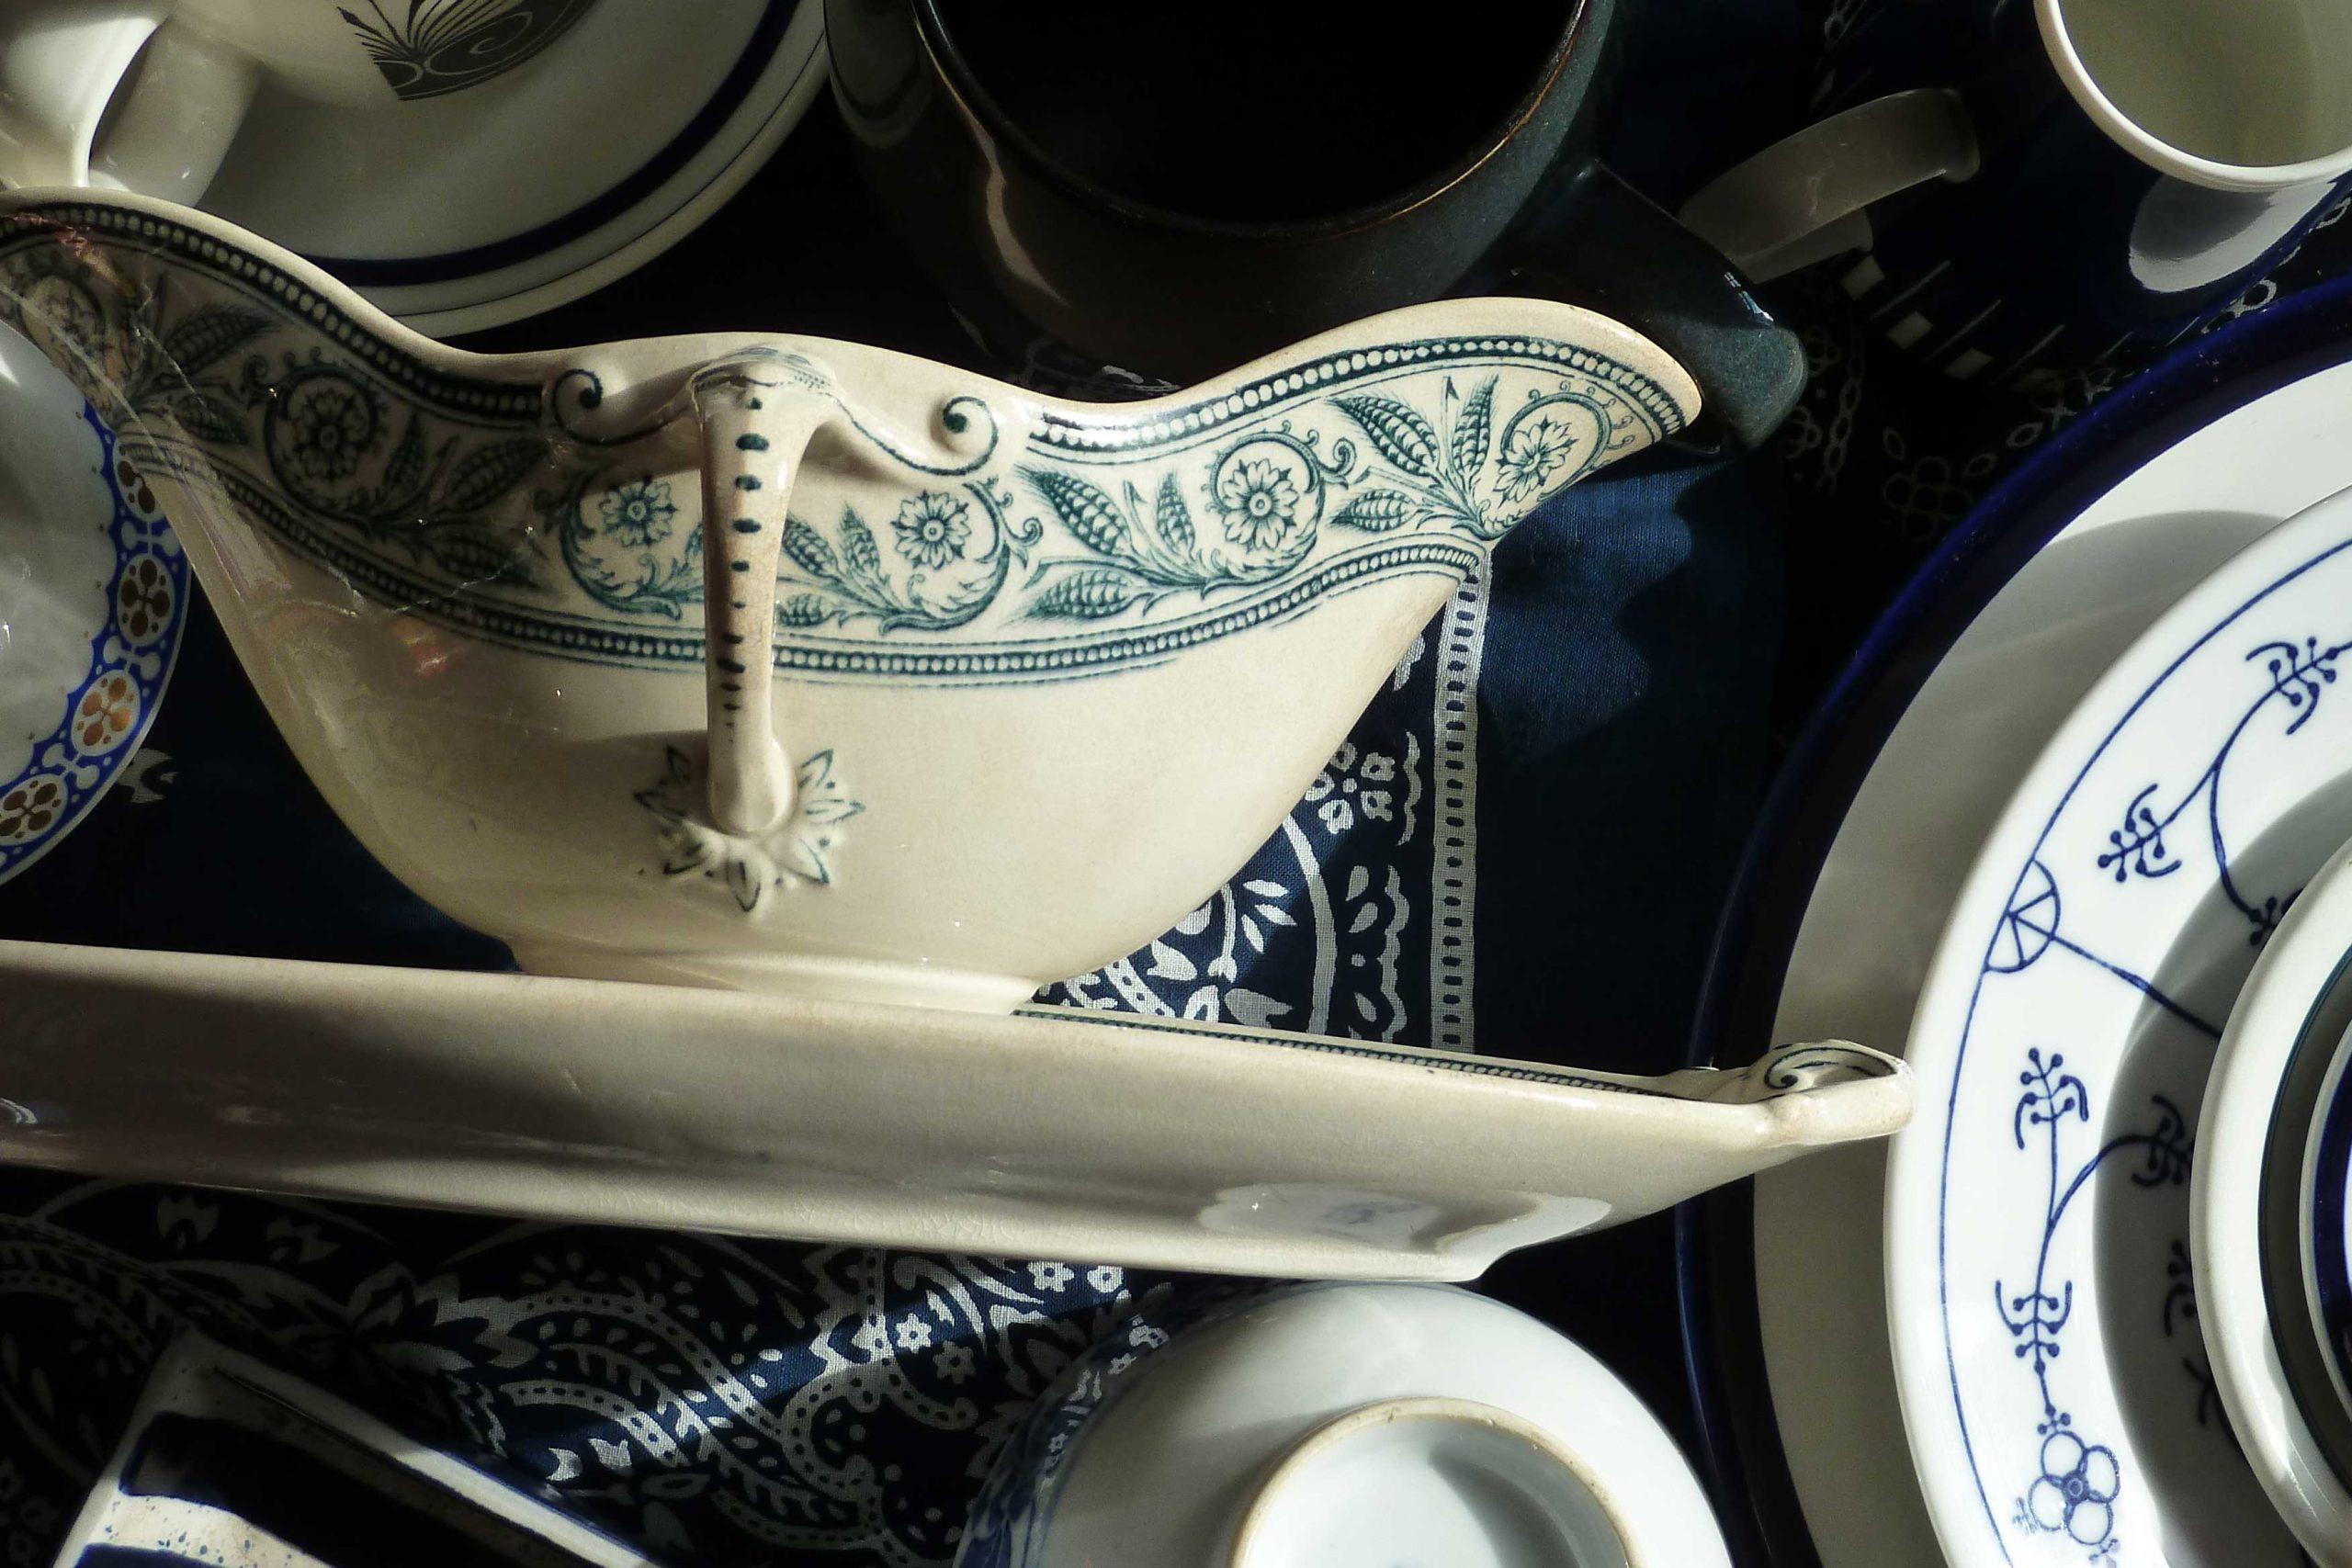 Antike Sauciere und marineblaues Porzellan